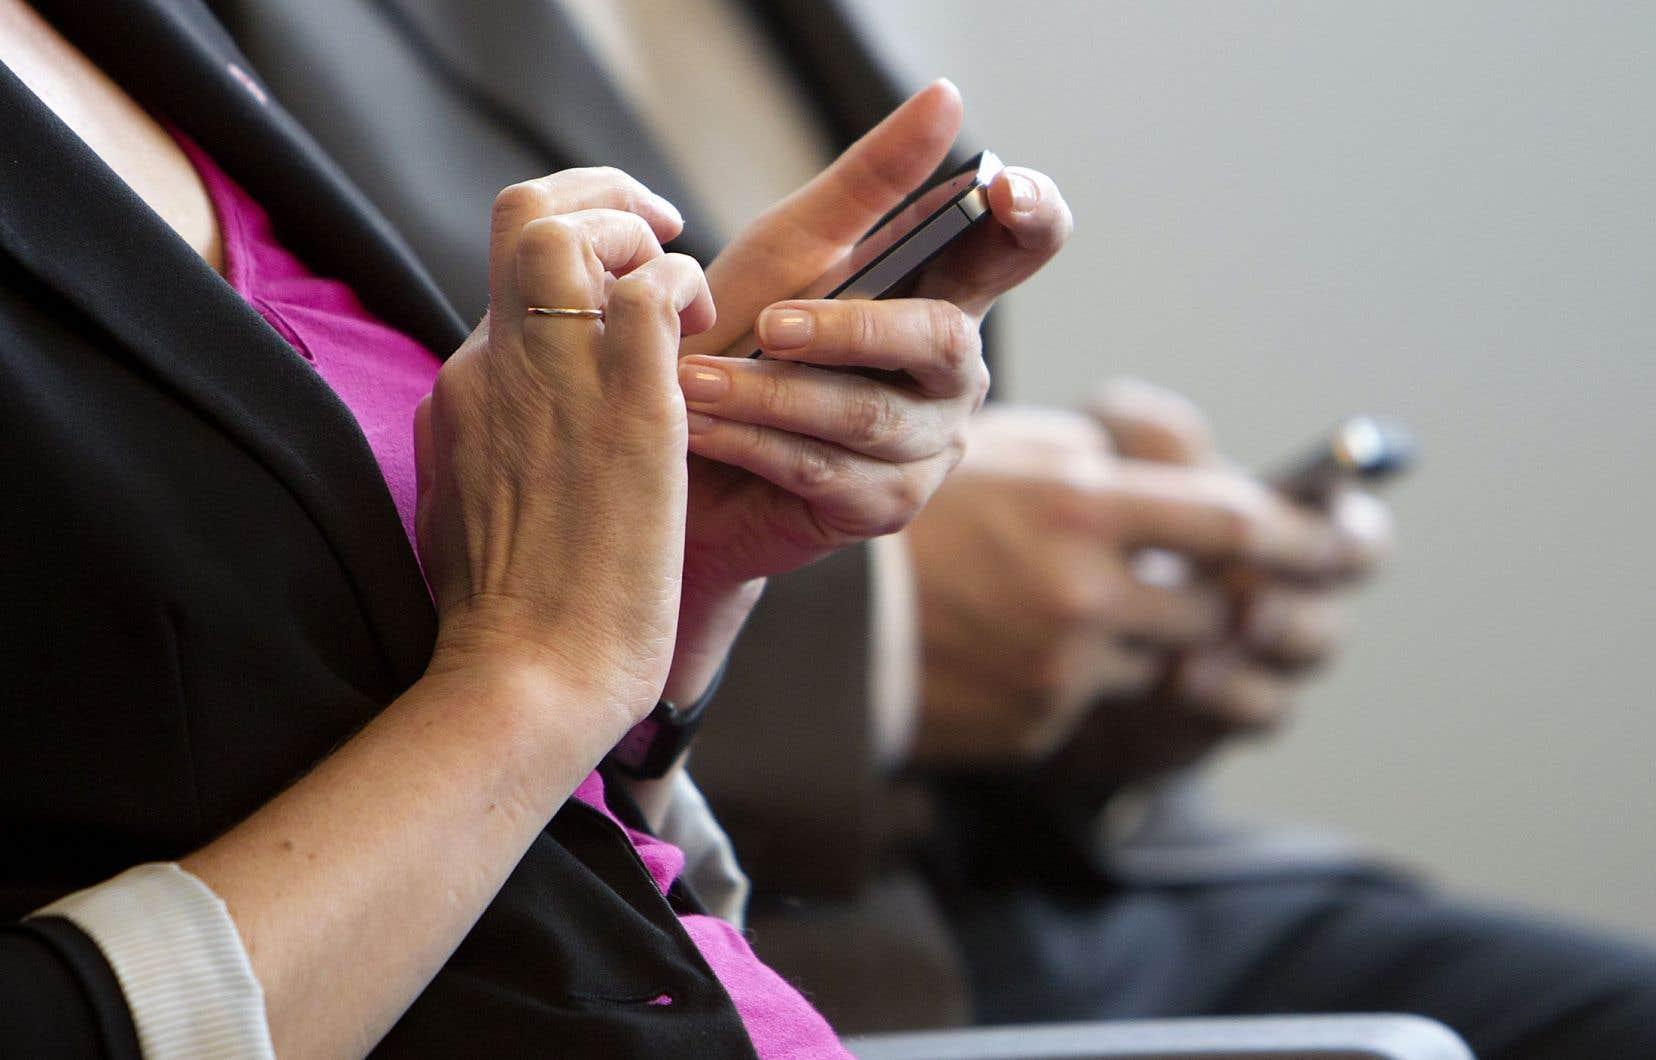 S'il est introduit dans un téléphone intelligent, le logiciel Pegasus permet d'en récupérer les messages, les photos, les contacts, et même d'écouter les appels de son propriétaire.